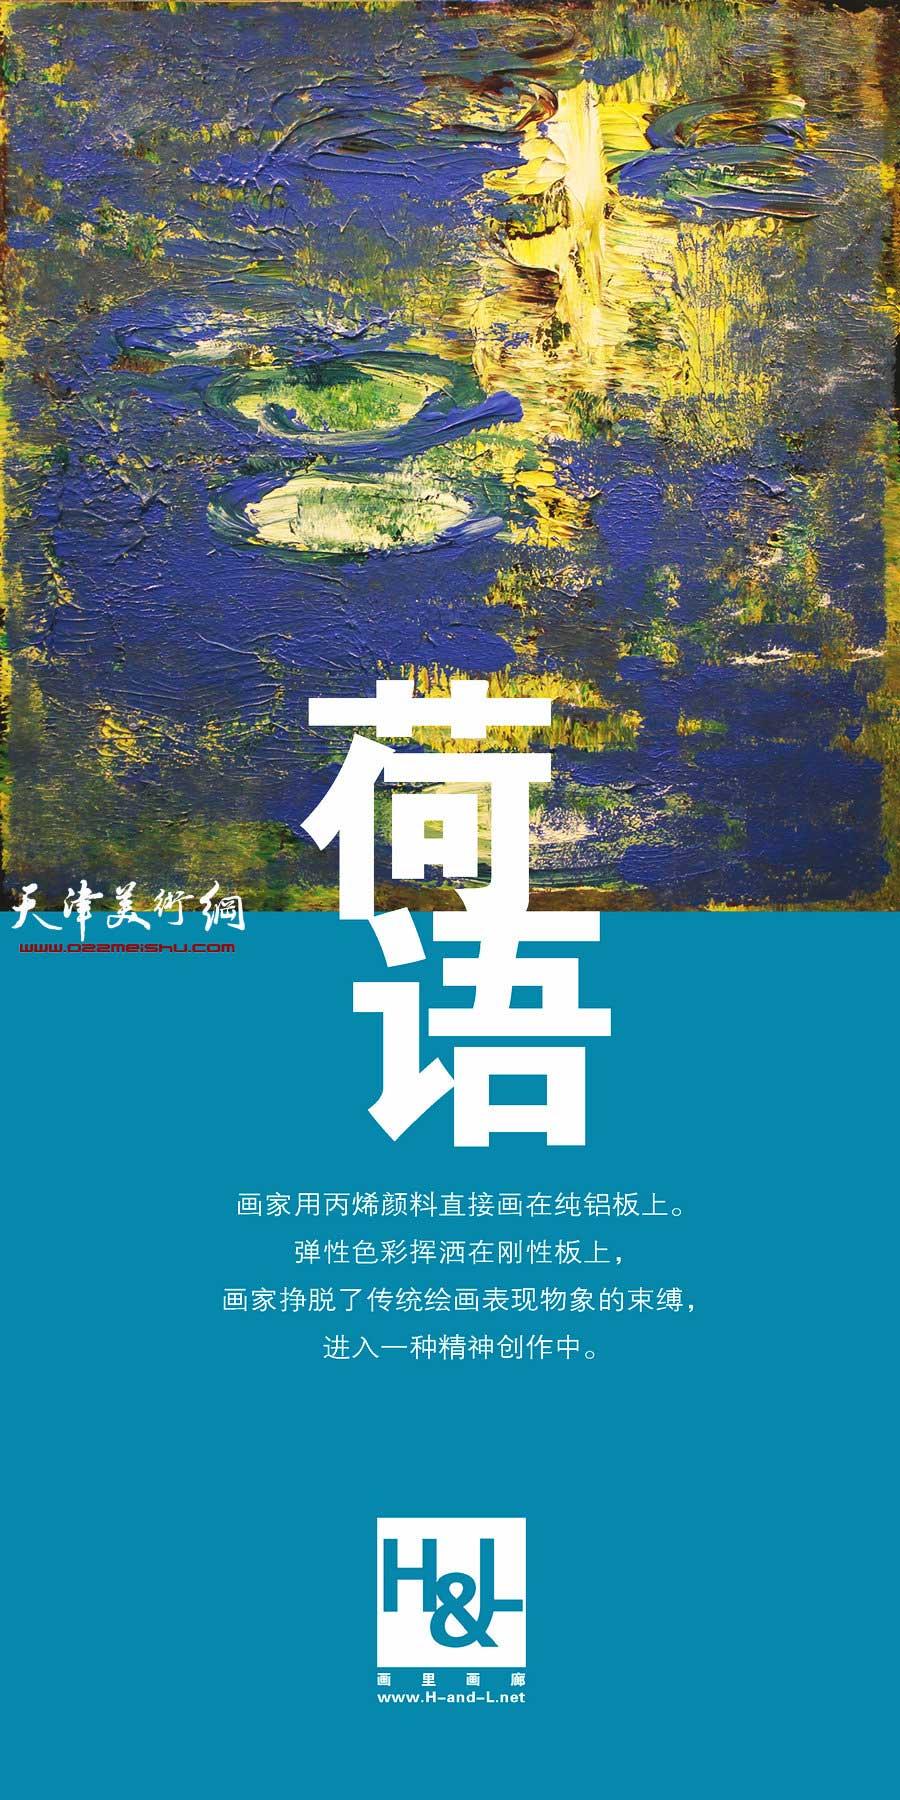 郝跃先作品特展《荷语》在天津美术馆推出